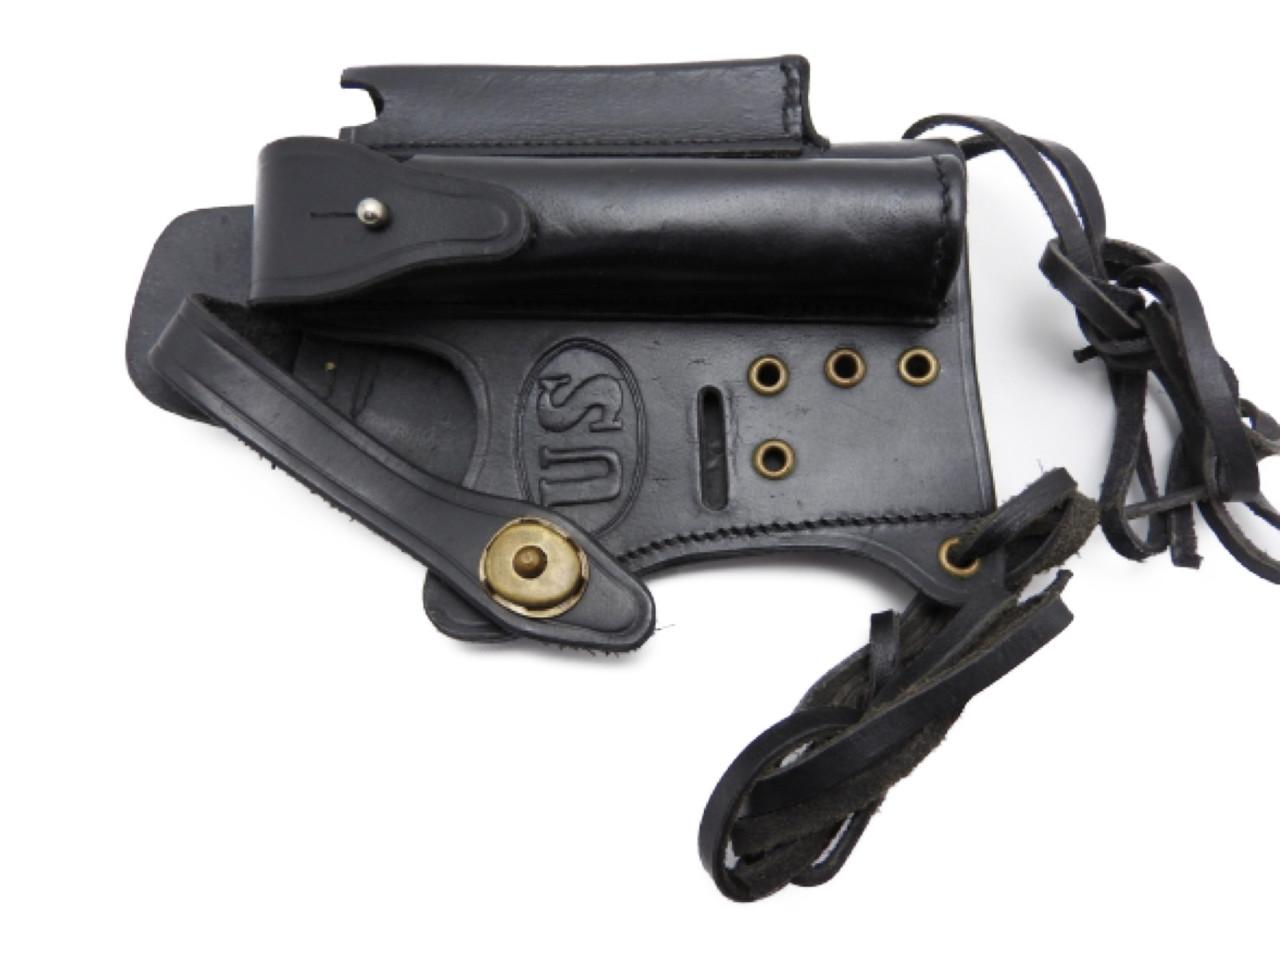 ワルサー P99 P22 ホルスター ブラック 本革製 マガジン サイレンサー入付 ガスガン エアガン モデルガン